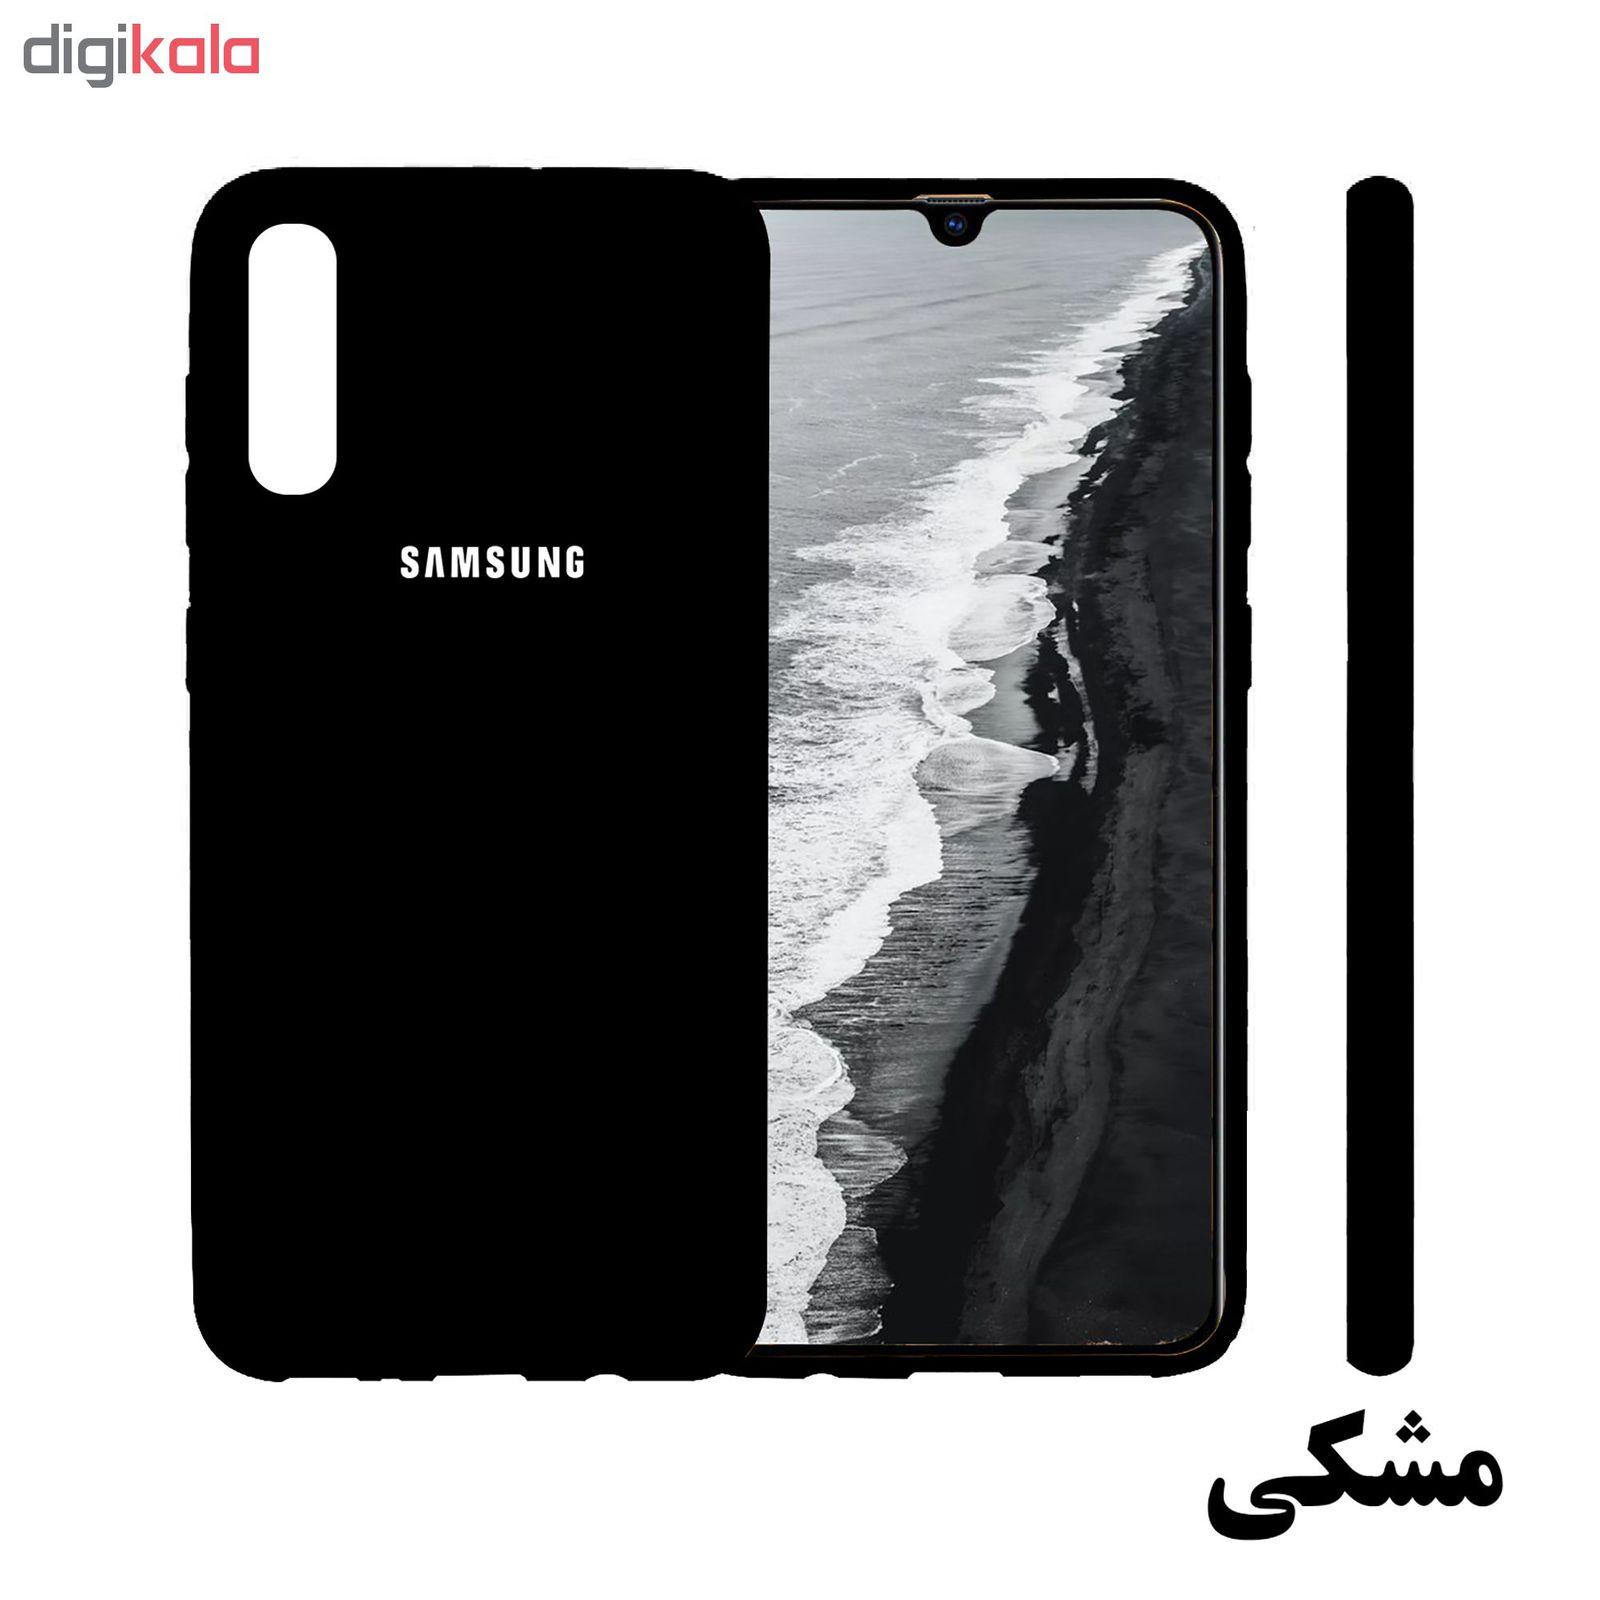 کاور مدل Silc مناسب برای گوشی موبایل سامسونگ Galaxy A50 main 1 5